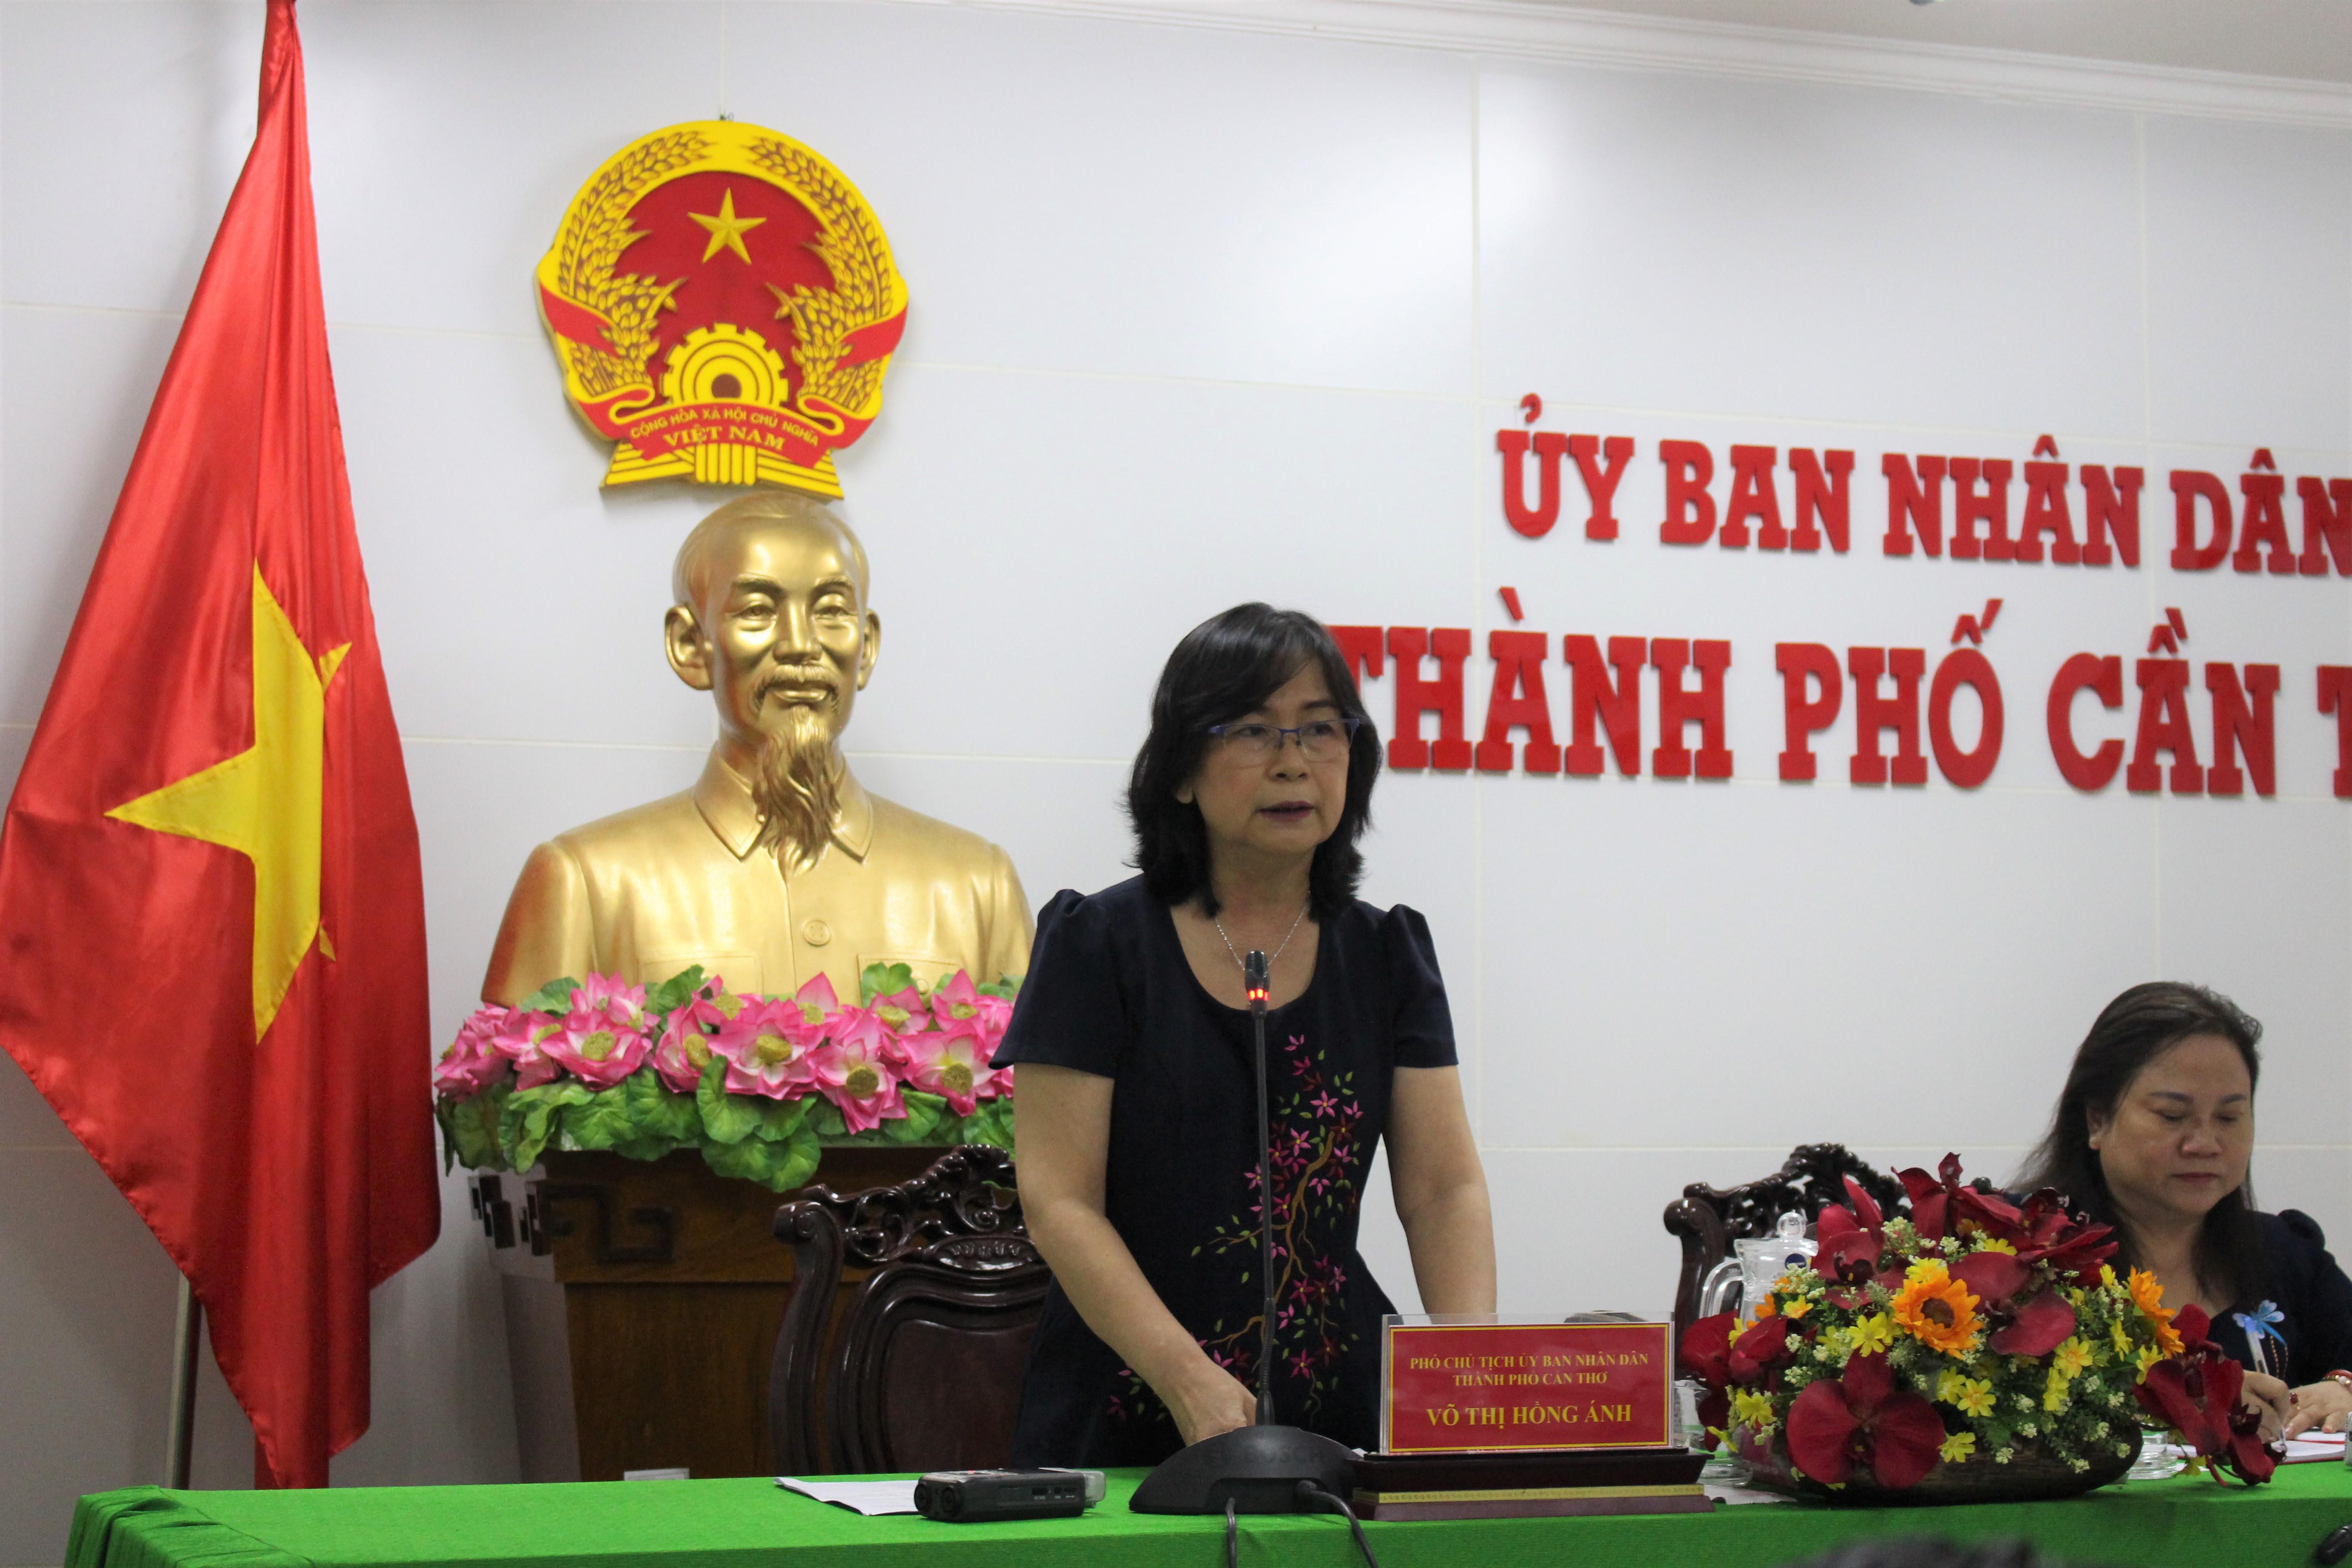 Bà Võ Thị Hồng Ánh phát biểu tại cuộc họp.